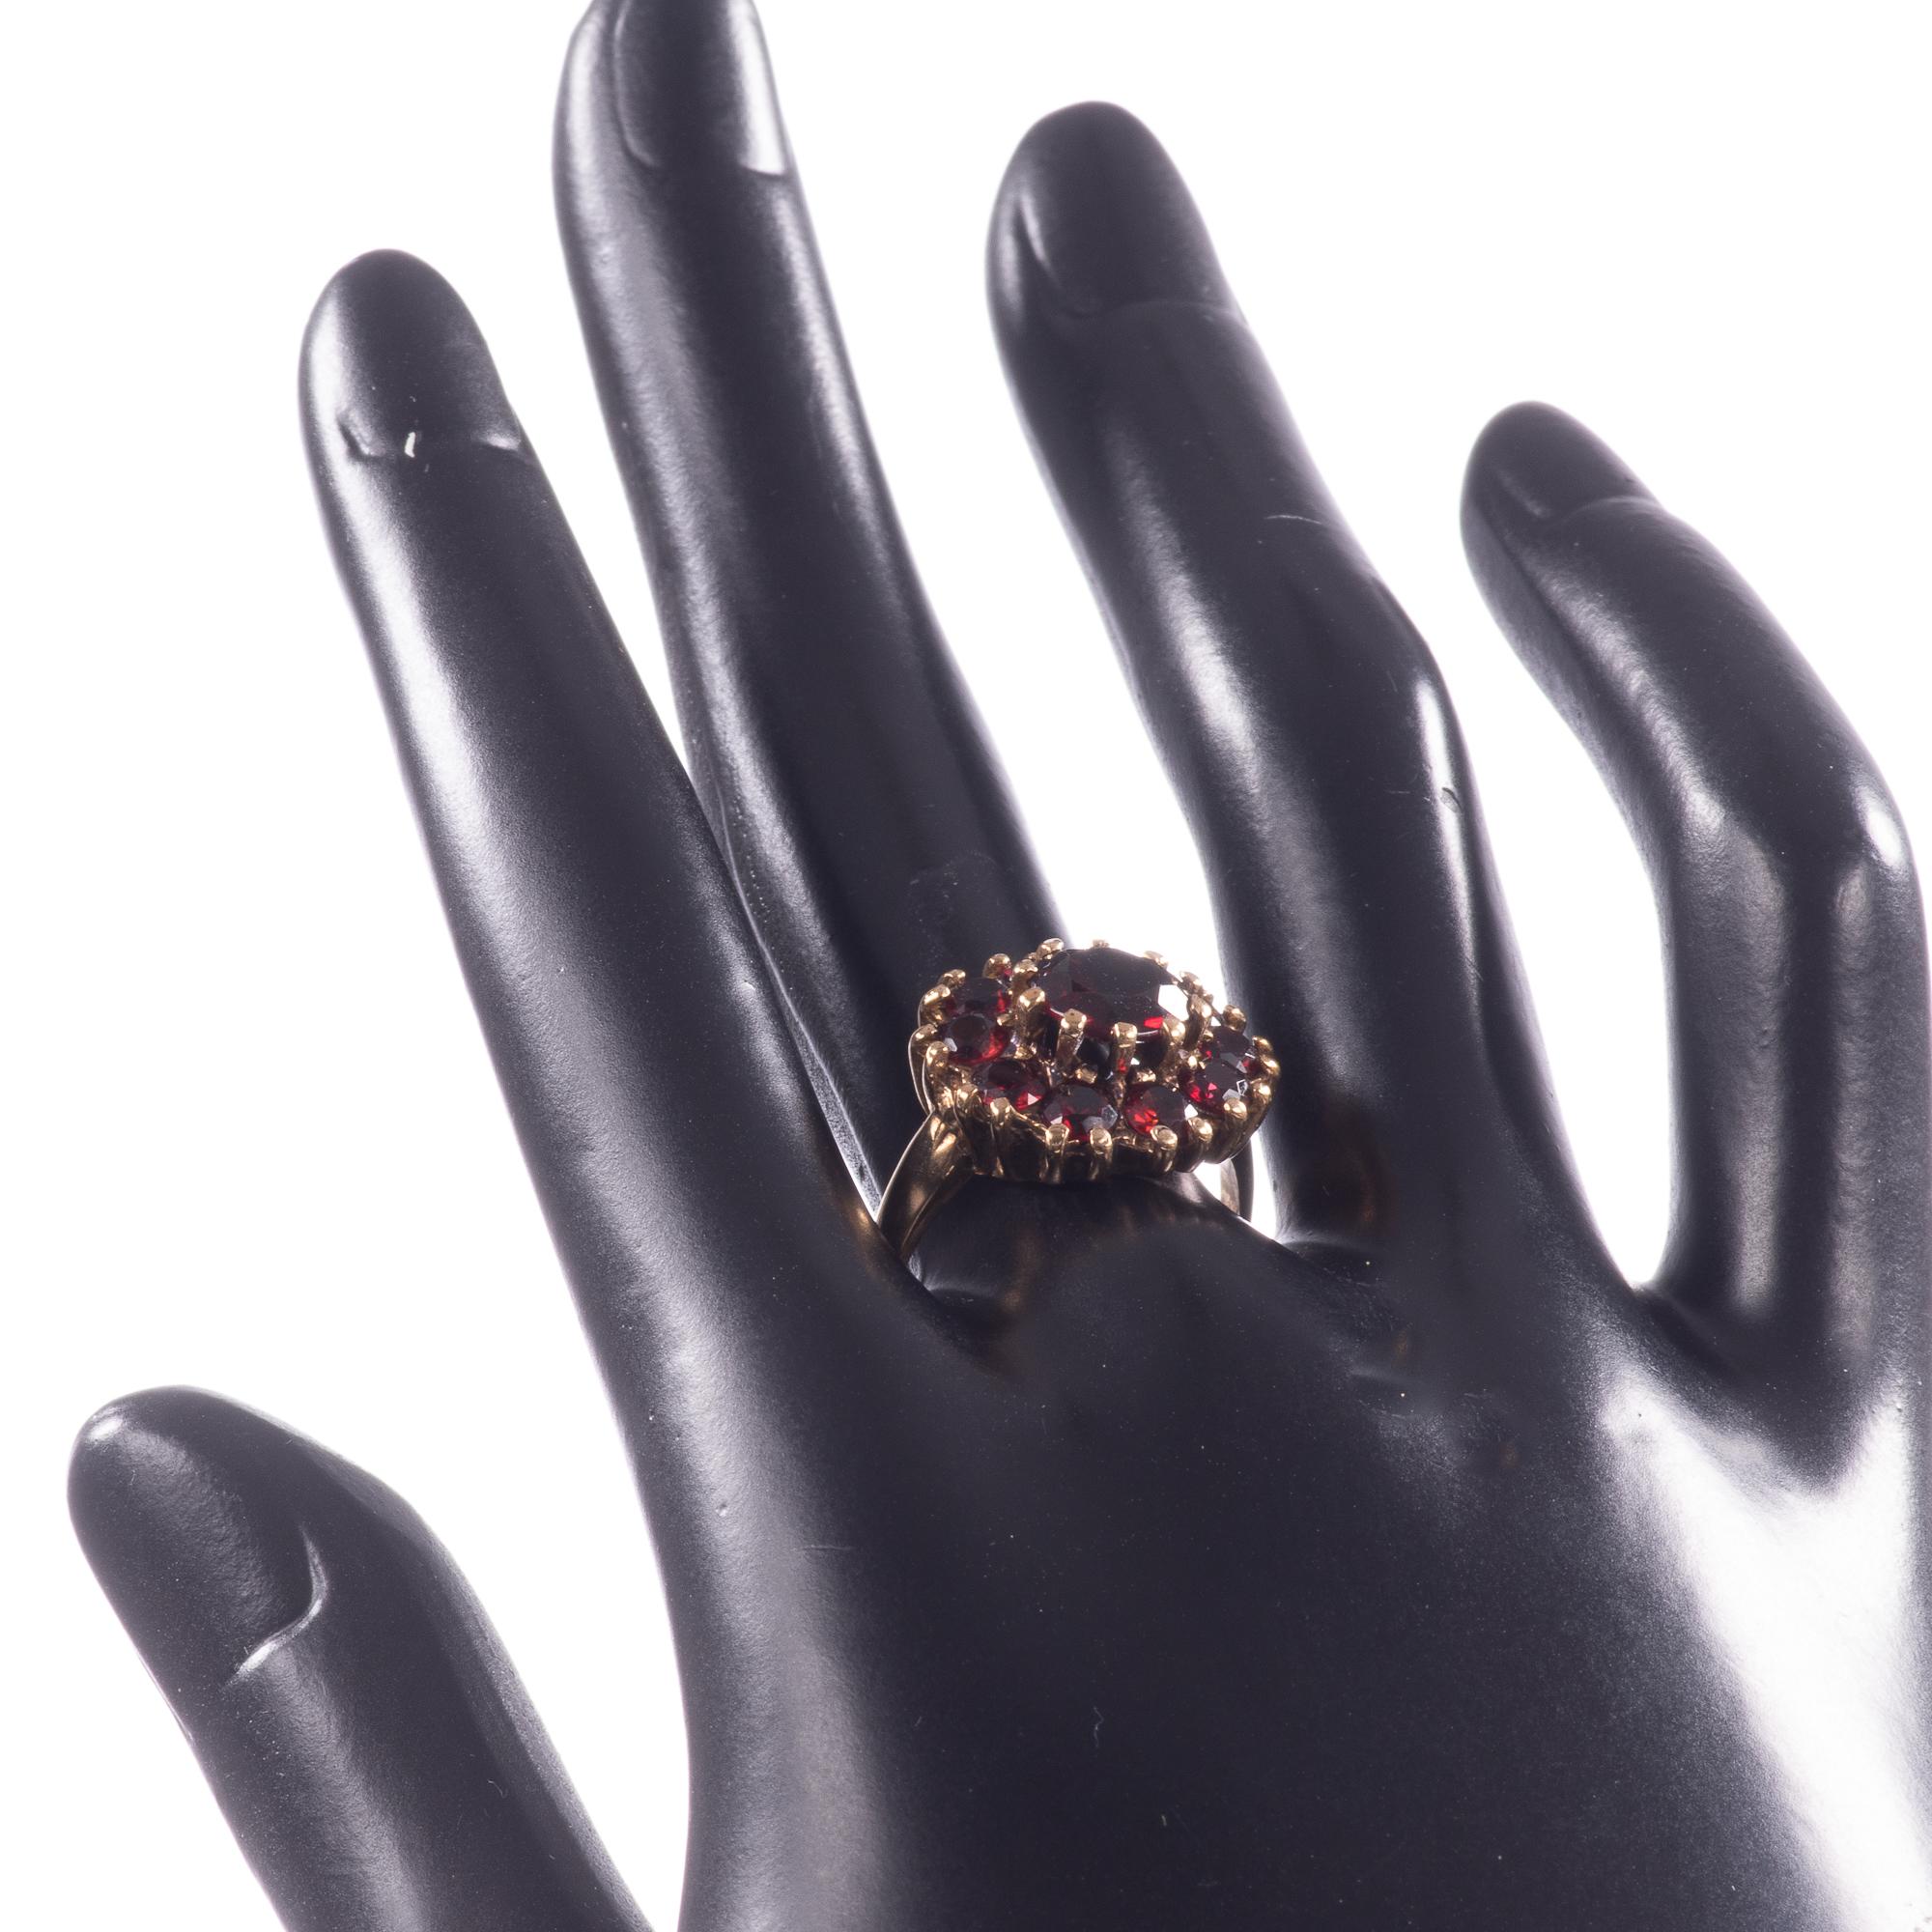 9ct Gold Garnet Ring London 1963 - Image 2 of 8